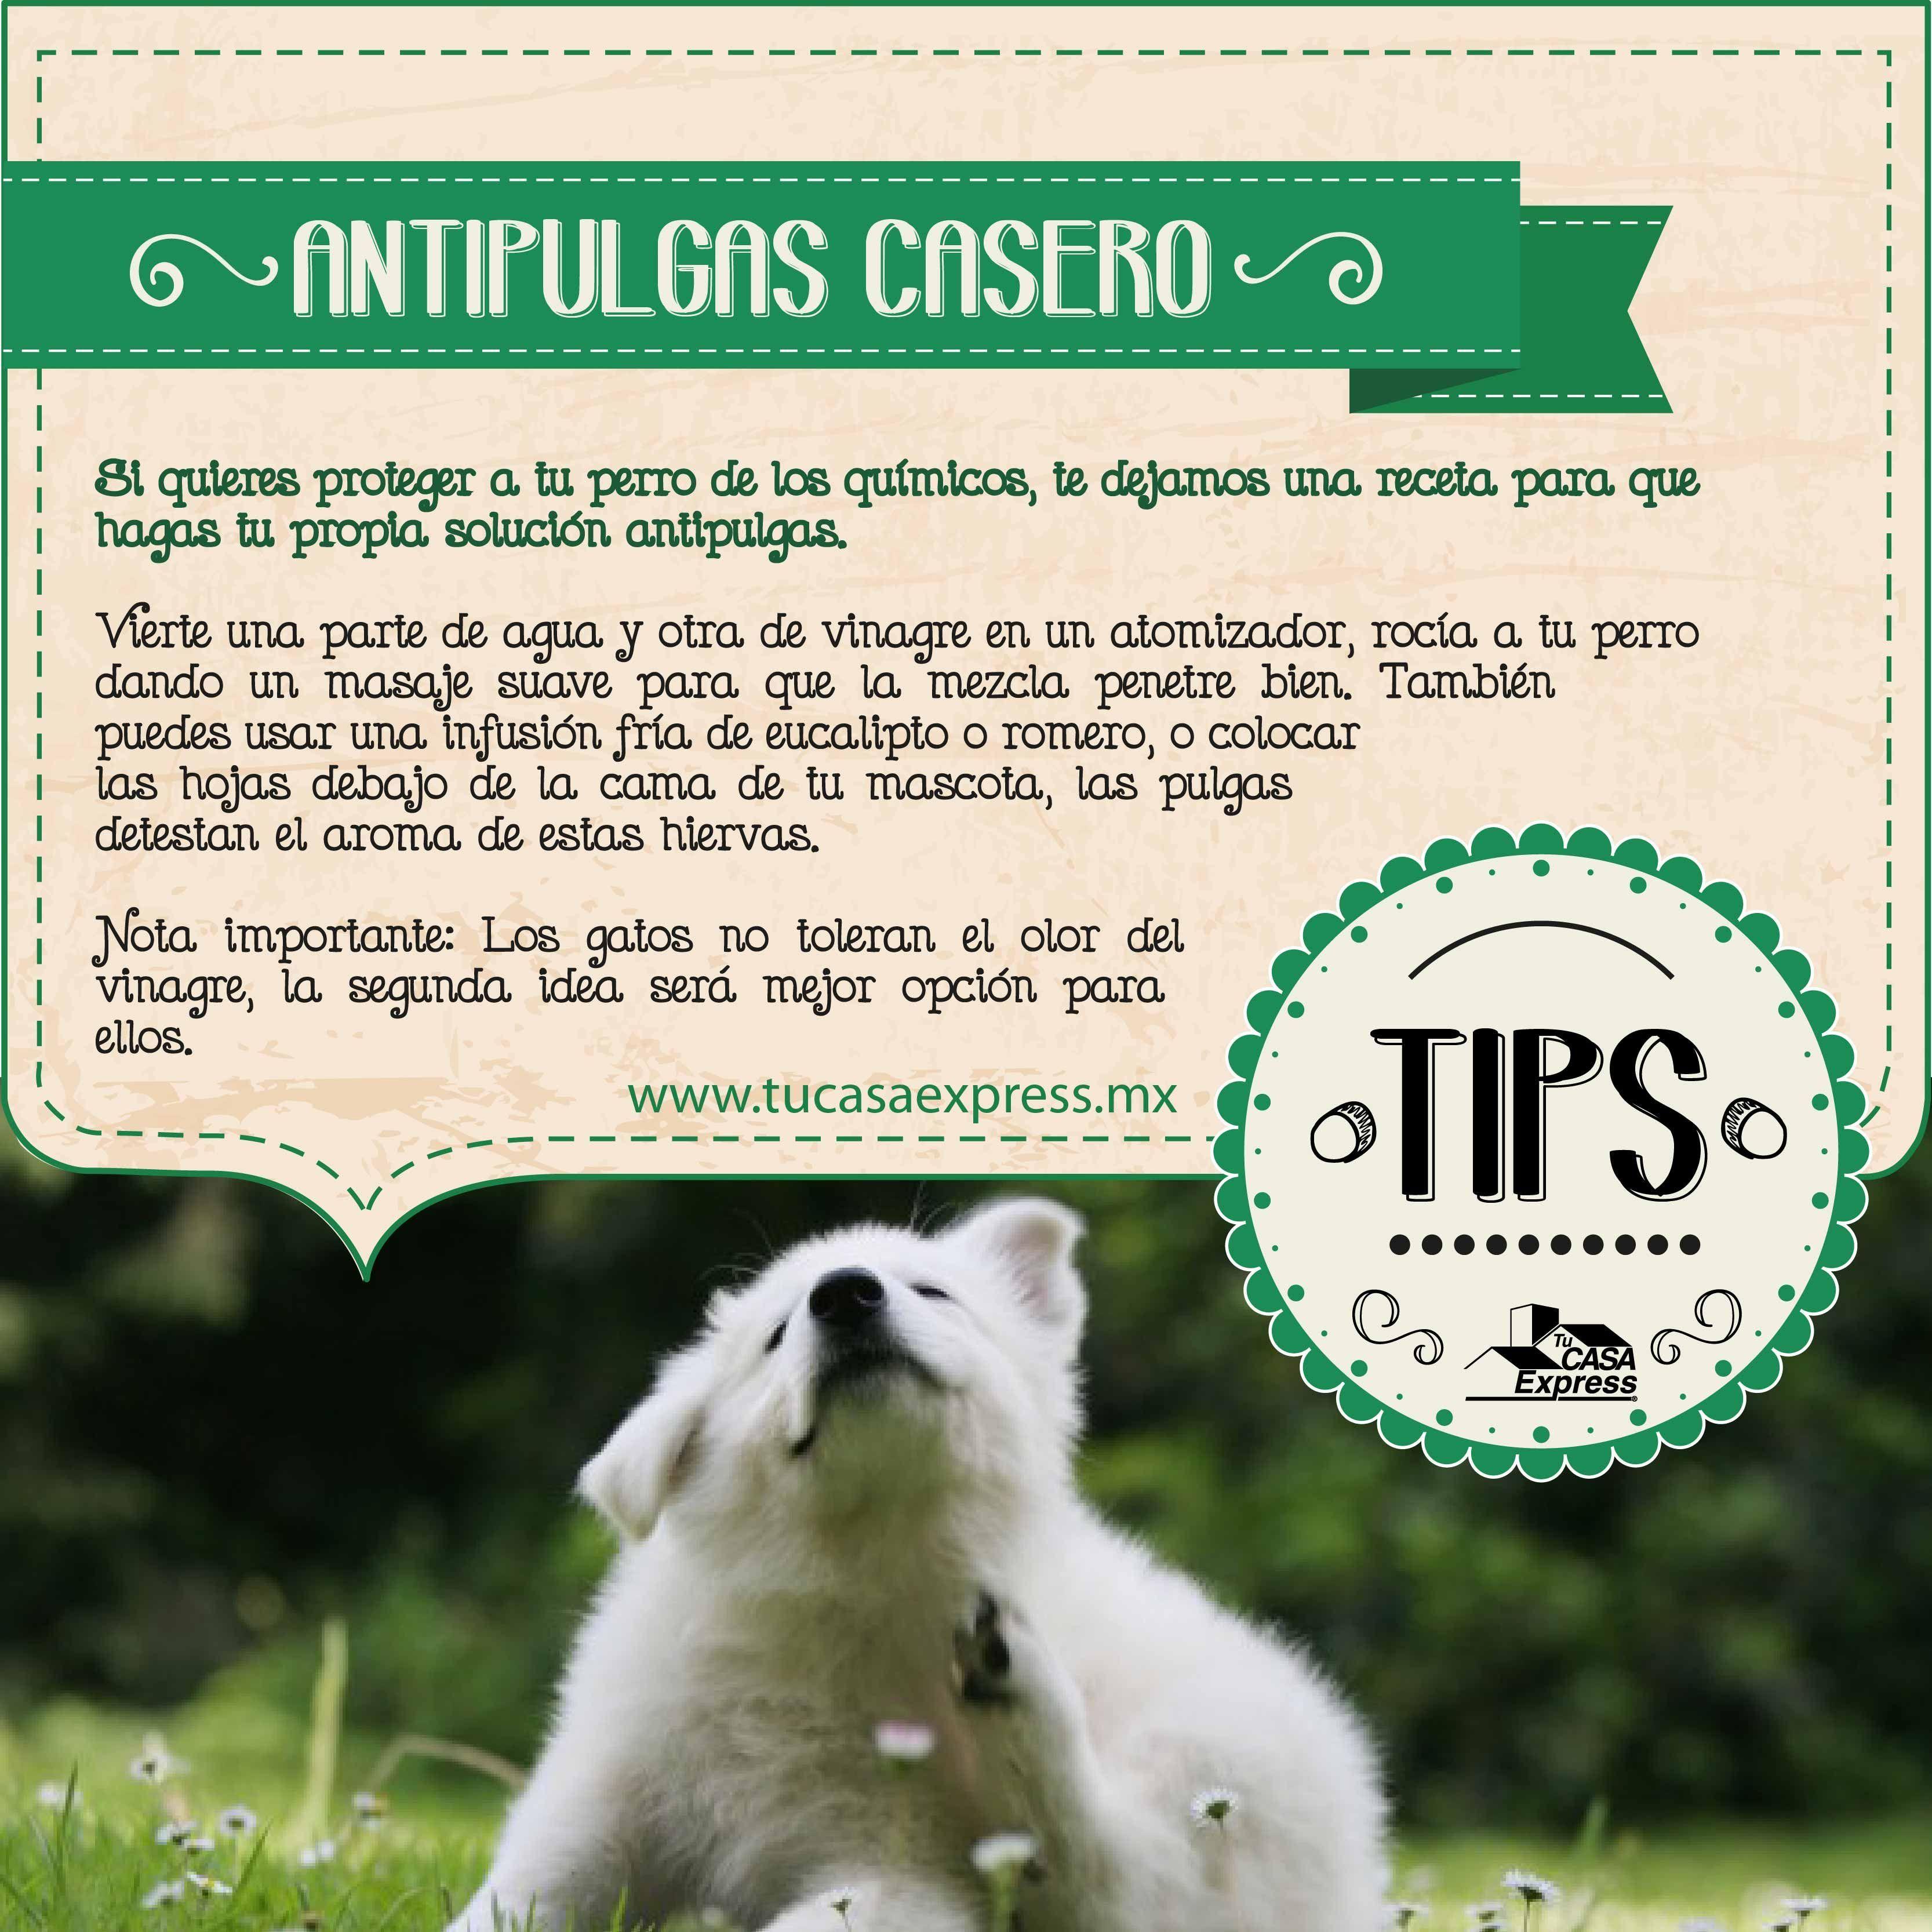 #antipulgas #express #mascota #solucin #qumicos #protege #perros #casera #gatos #esta #casa #los #con #tu #deProtege a tu mascota de los químicos con esta solución casera antipulgas. Tu Casa Express